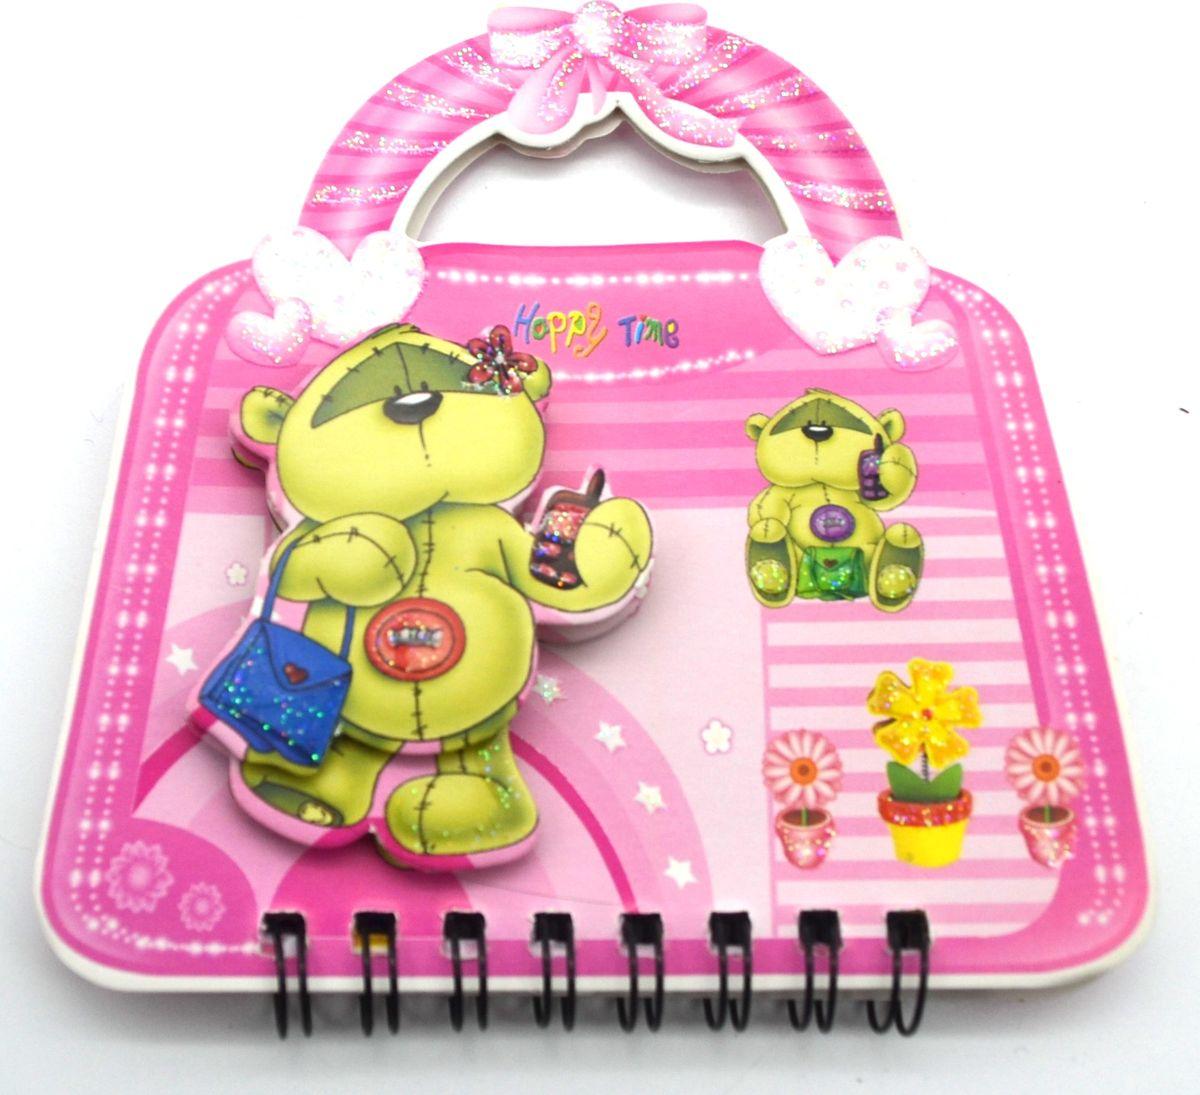 Карамба Блокнот Мишка на сумочке 50 листов в линейку цвет розовый 35713571Блокнот Карамба Мишка на сумочке с объемным изображением мишки на лицевой стороне выполнен в виде сумочки с ручками. Блокнот содержит 50 листов в линейку. Листики окрашены в голубой и зеленый цвета. На каждом листочке изображен мишка.